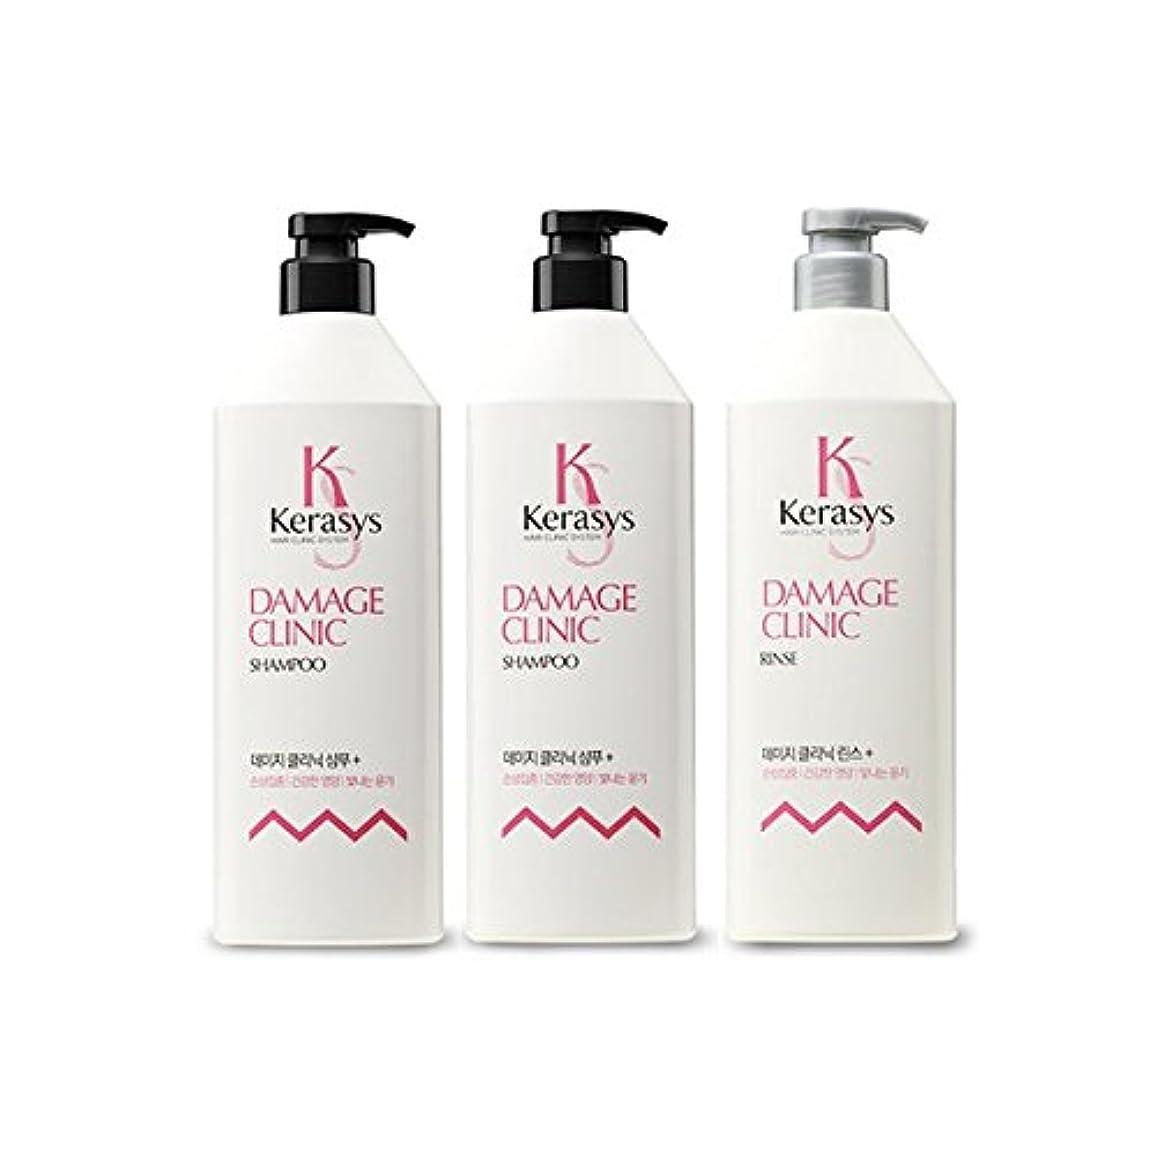 [Kerasys] ケラシス ダメージクリニック シャンプー Damage Clinic shampoo 750ml x2本 リンス Damage Clinic Rinse 750ml x 1本 [海外直送品]